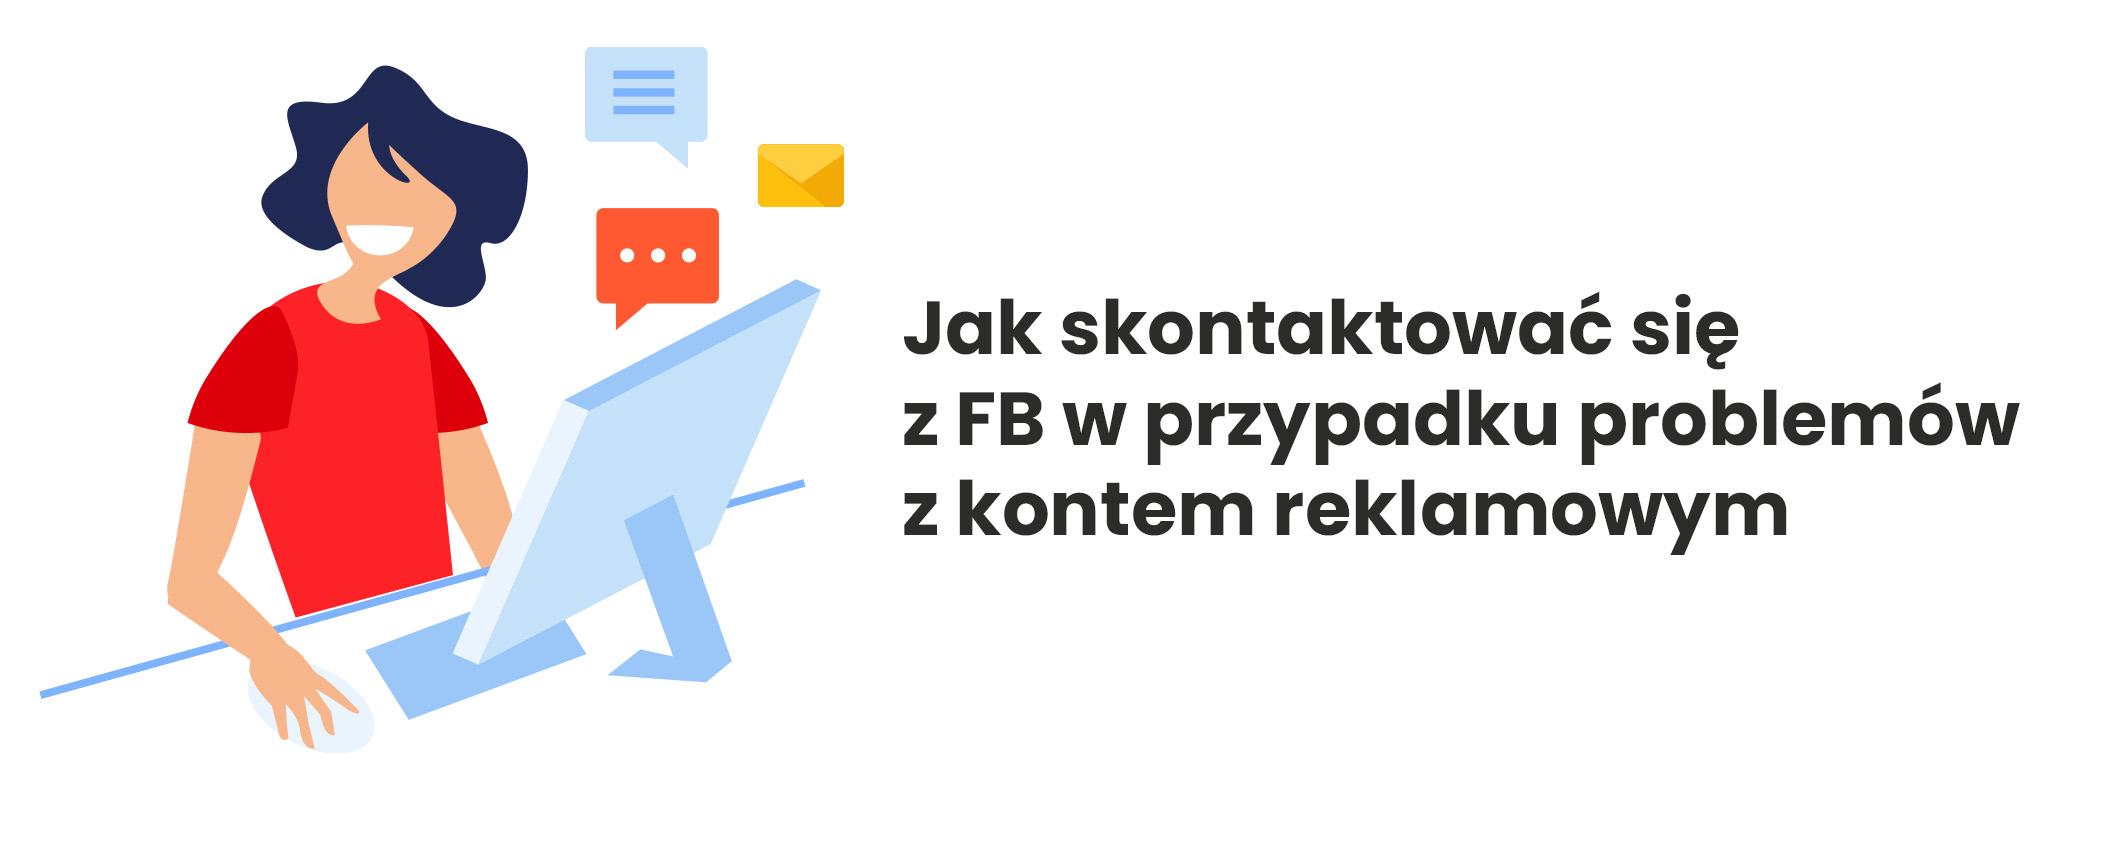 jak skontaktować się z fb